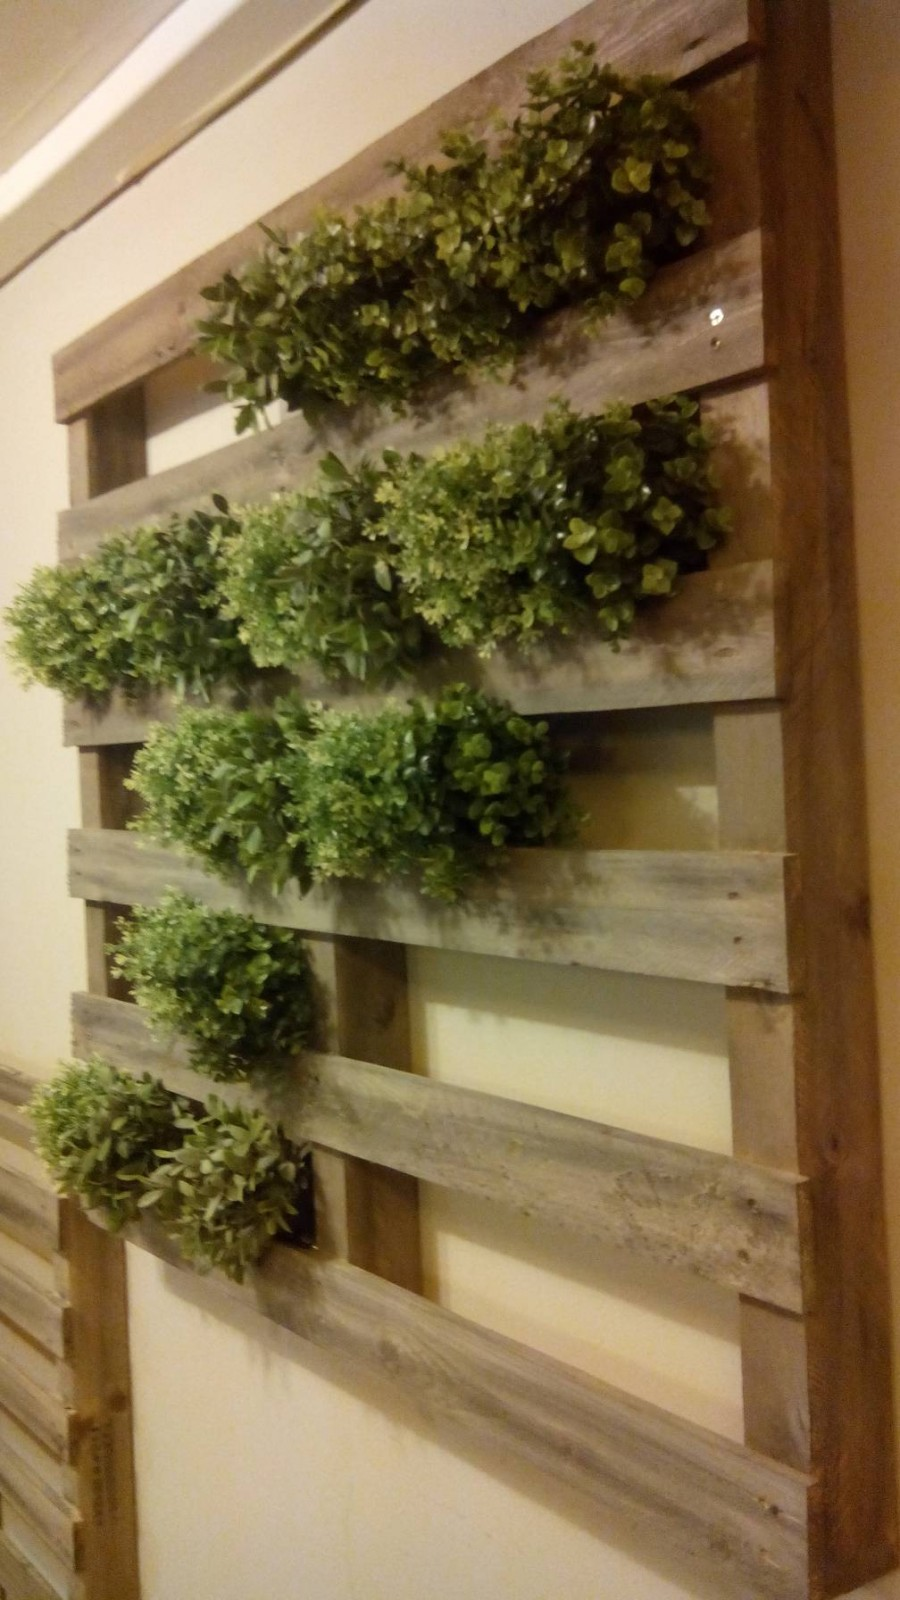 Jardin vertical faite avec des palettesmeuble en palette - Peindre des palettes en bois ...